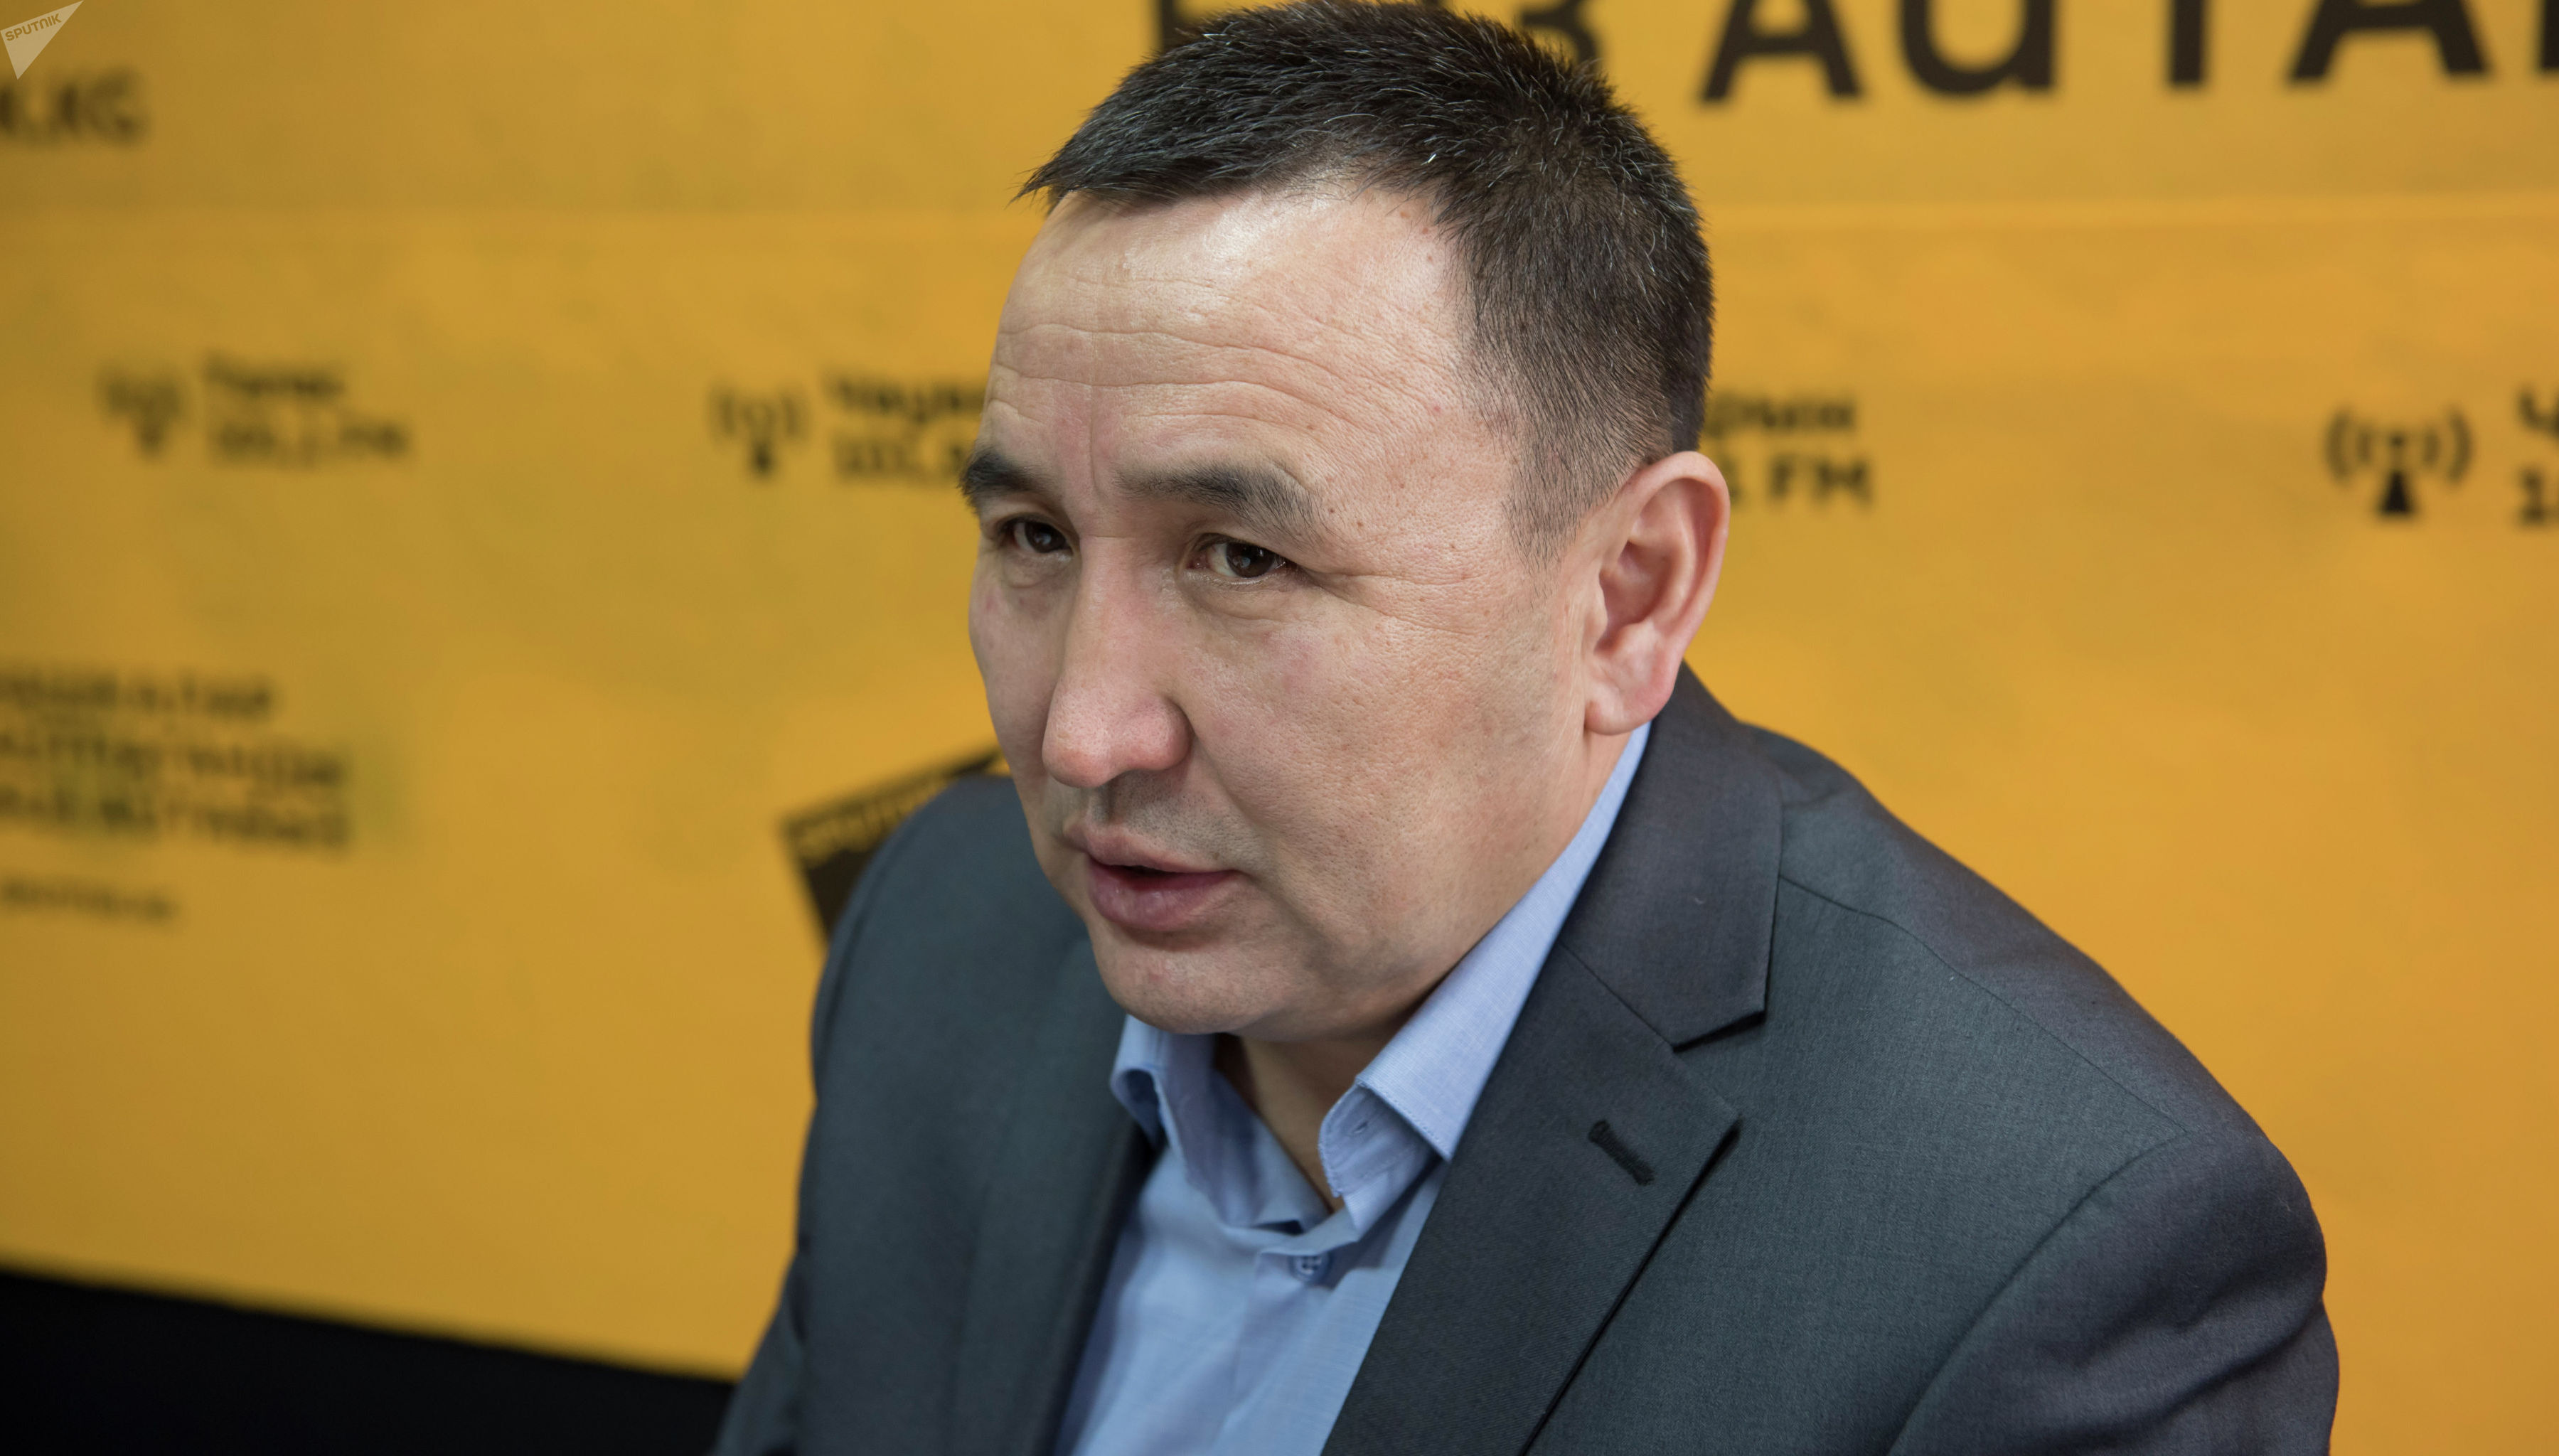 Начальник отдела по противодействию экстремизму и терроризму СПЭНМ МВД КР Ратбек Турусбеков во время интервью на радиостудии Sputnik Кыргызстан